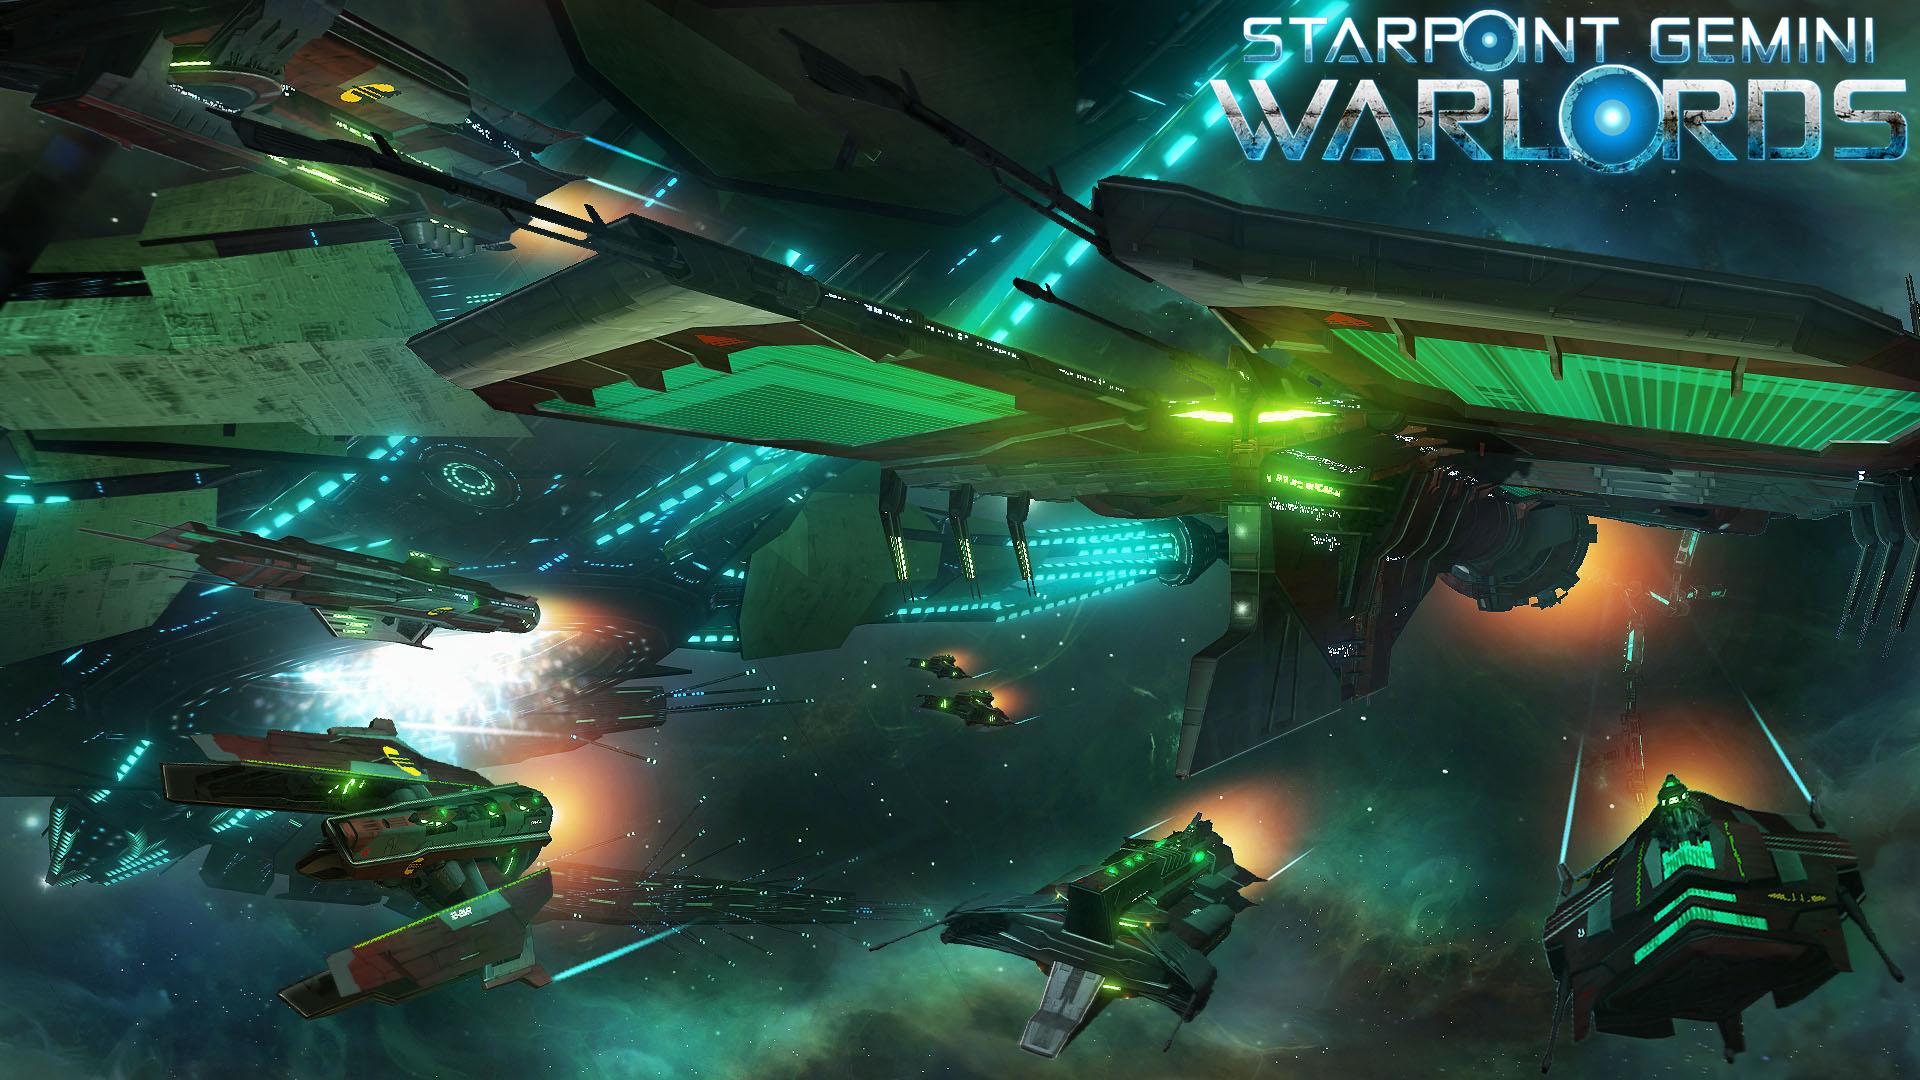 StarpointGeminiWarlords UpdateIm